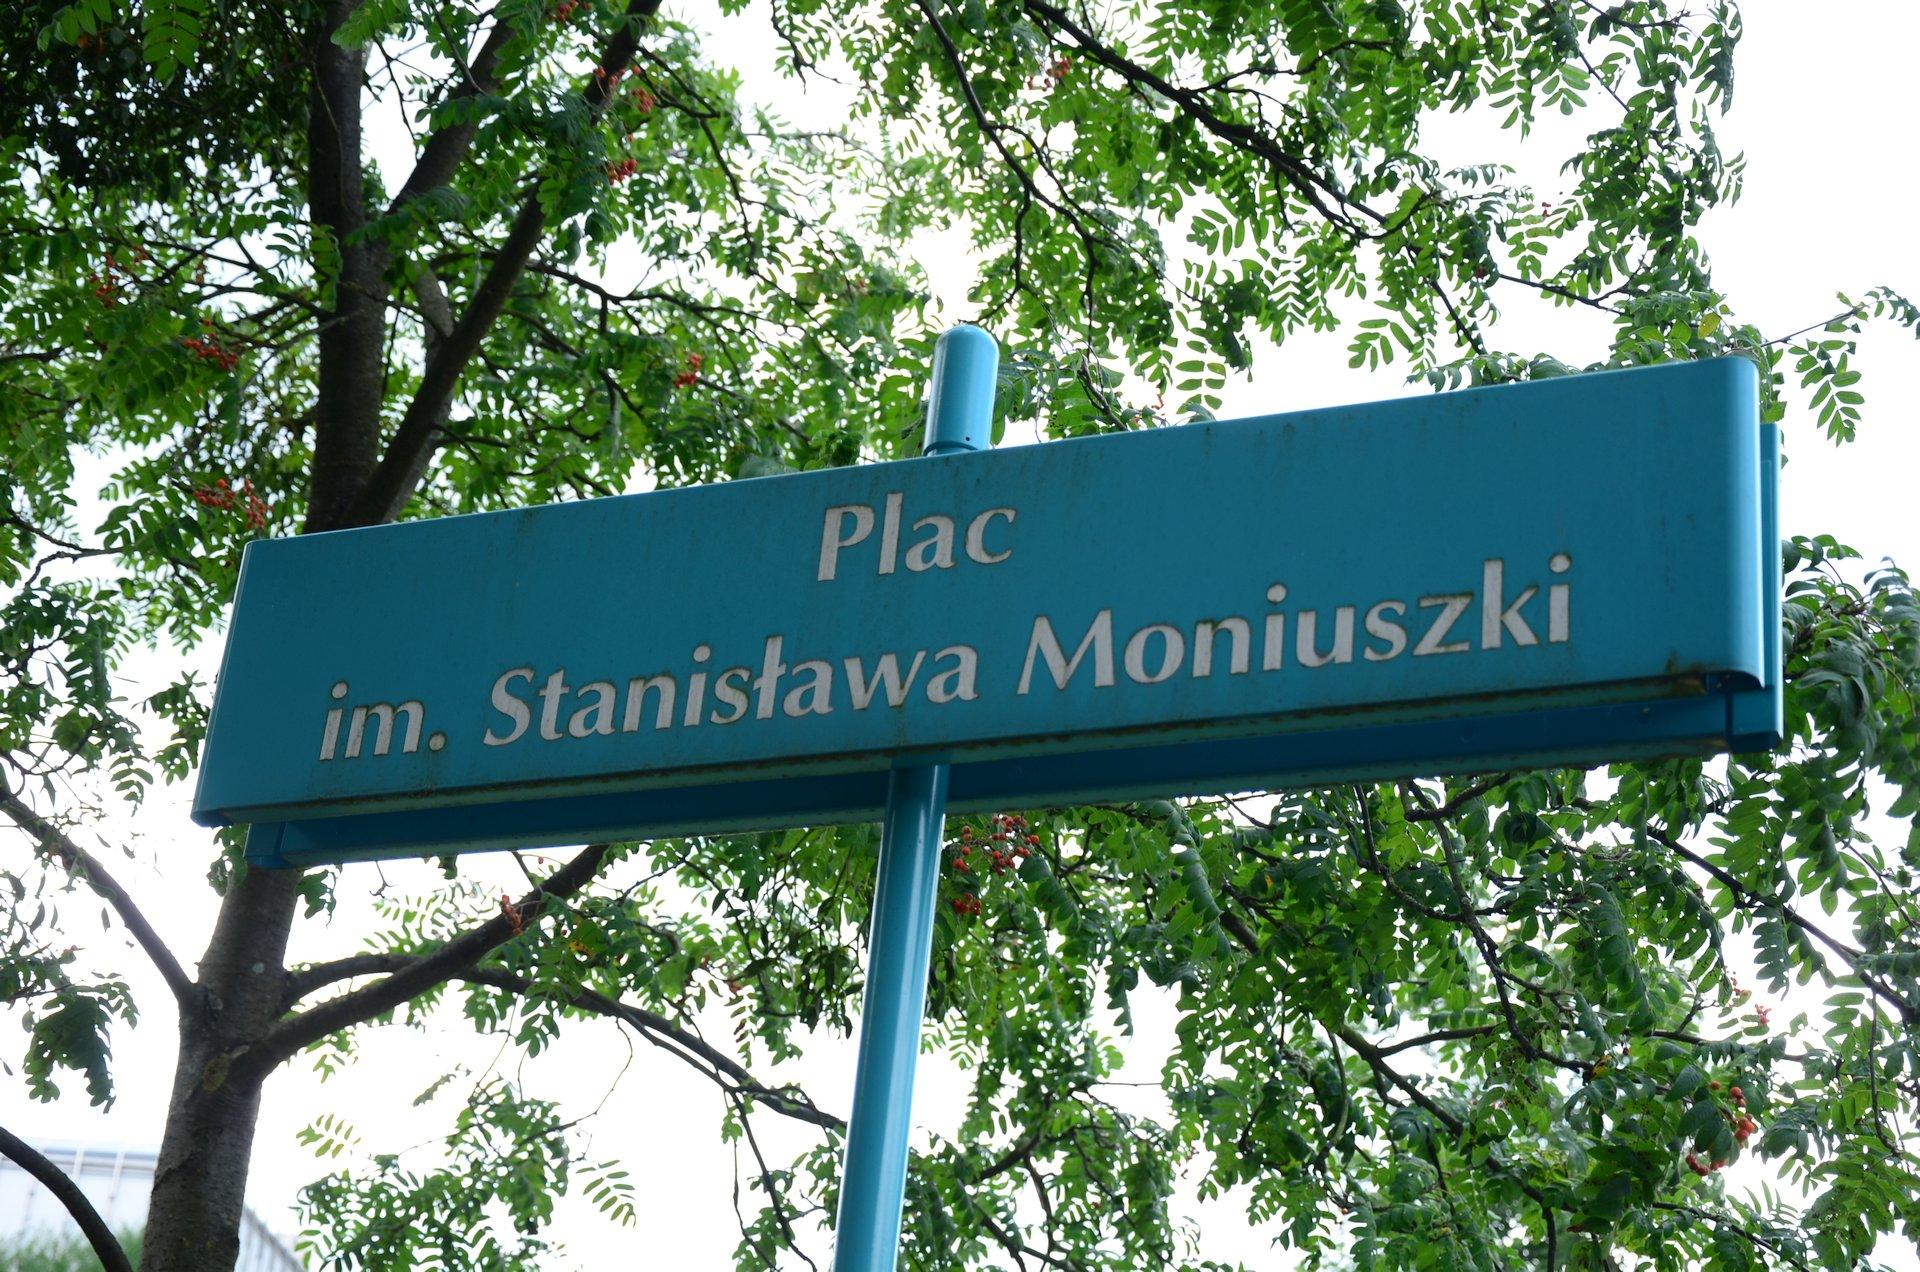 Plac im. Stanisława Moniuszki tablicafree photo darmowe zdjęcie